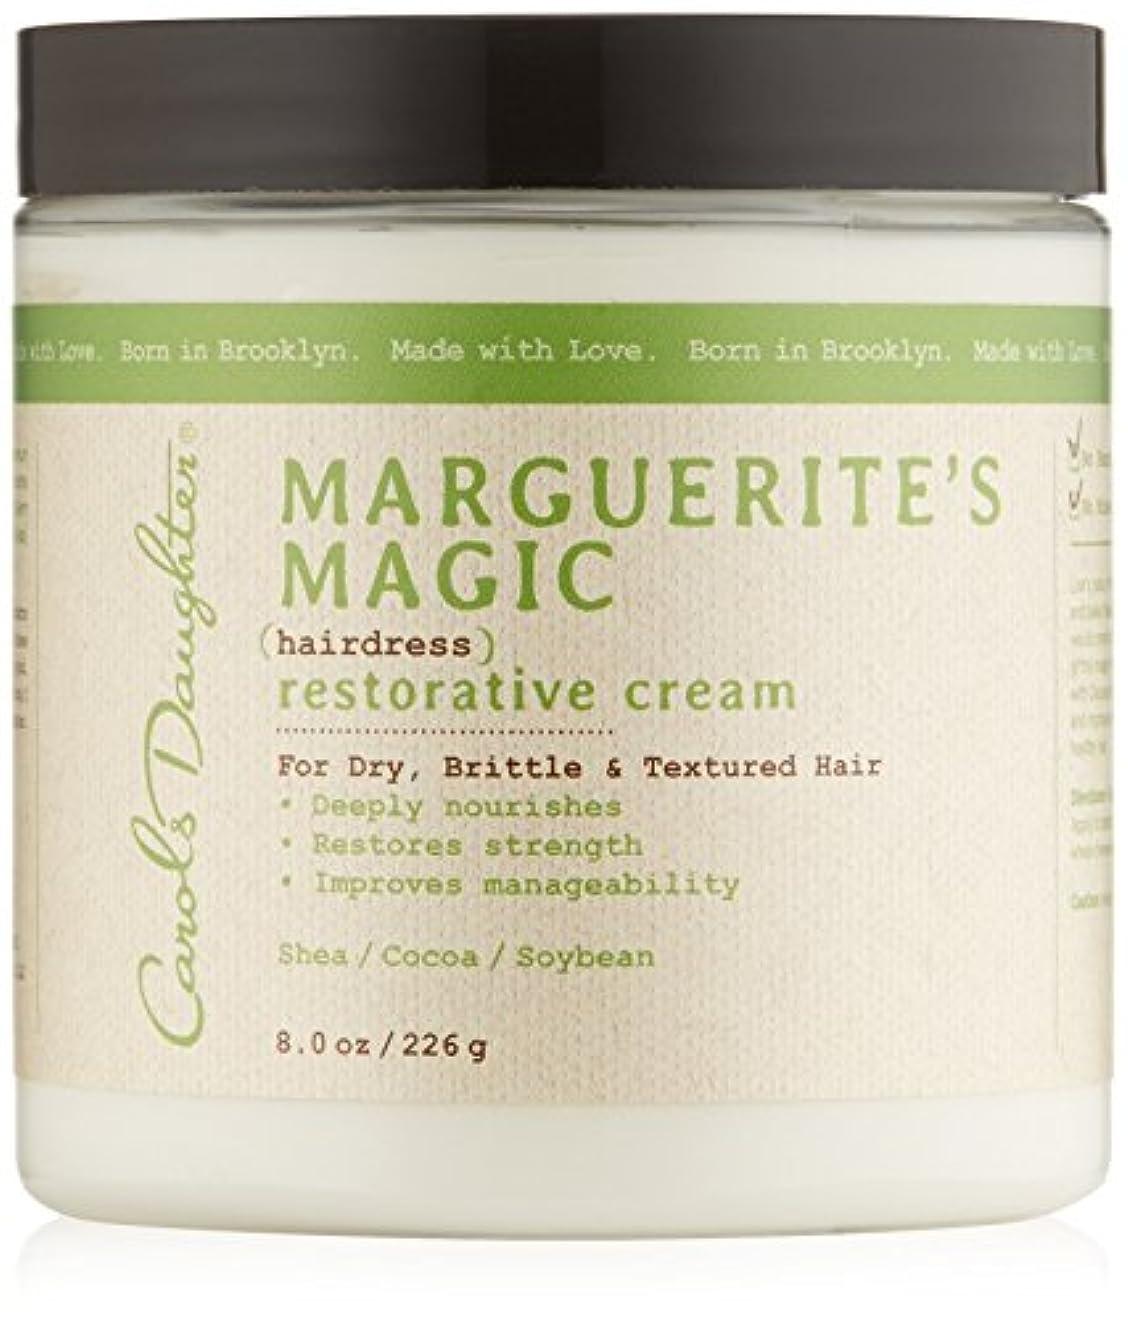 いいね発見ミルキャロルズドーター マルゲリーテス マジック ヘアドレス リストレーティブ クリーム (乾燥して切れやすい髪用) 226g/8oz